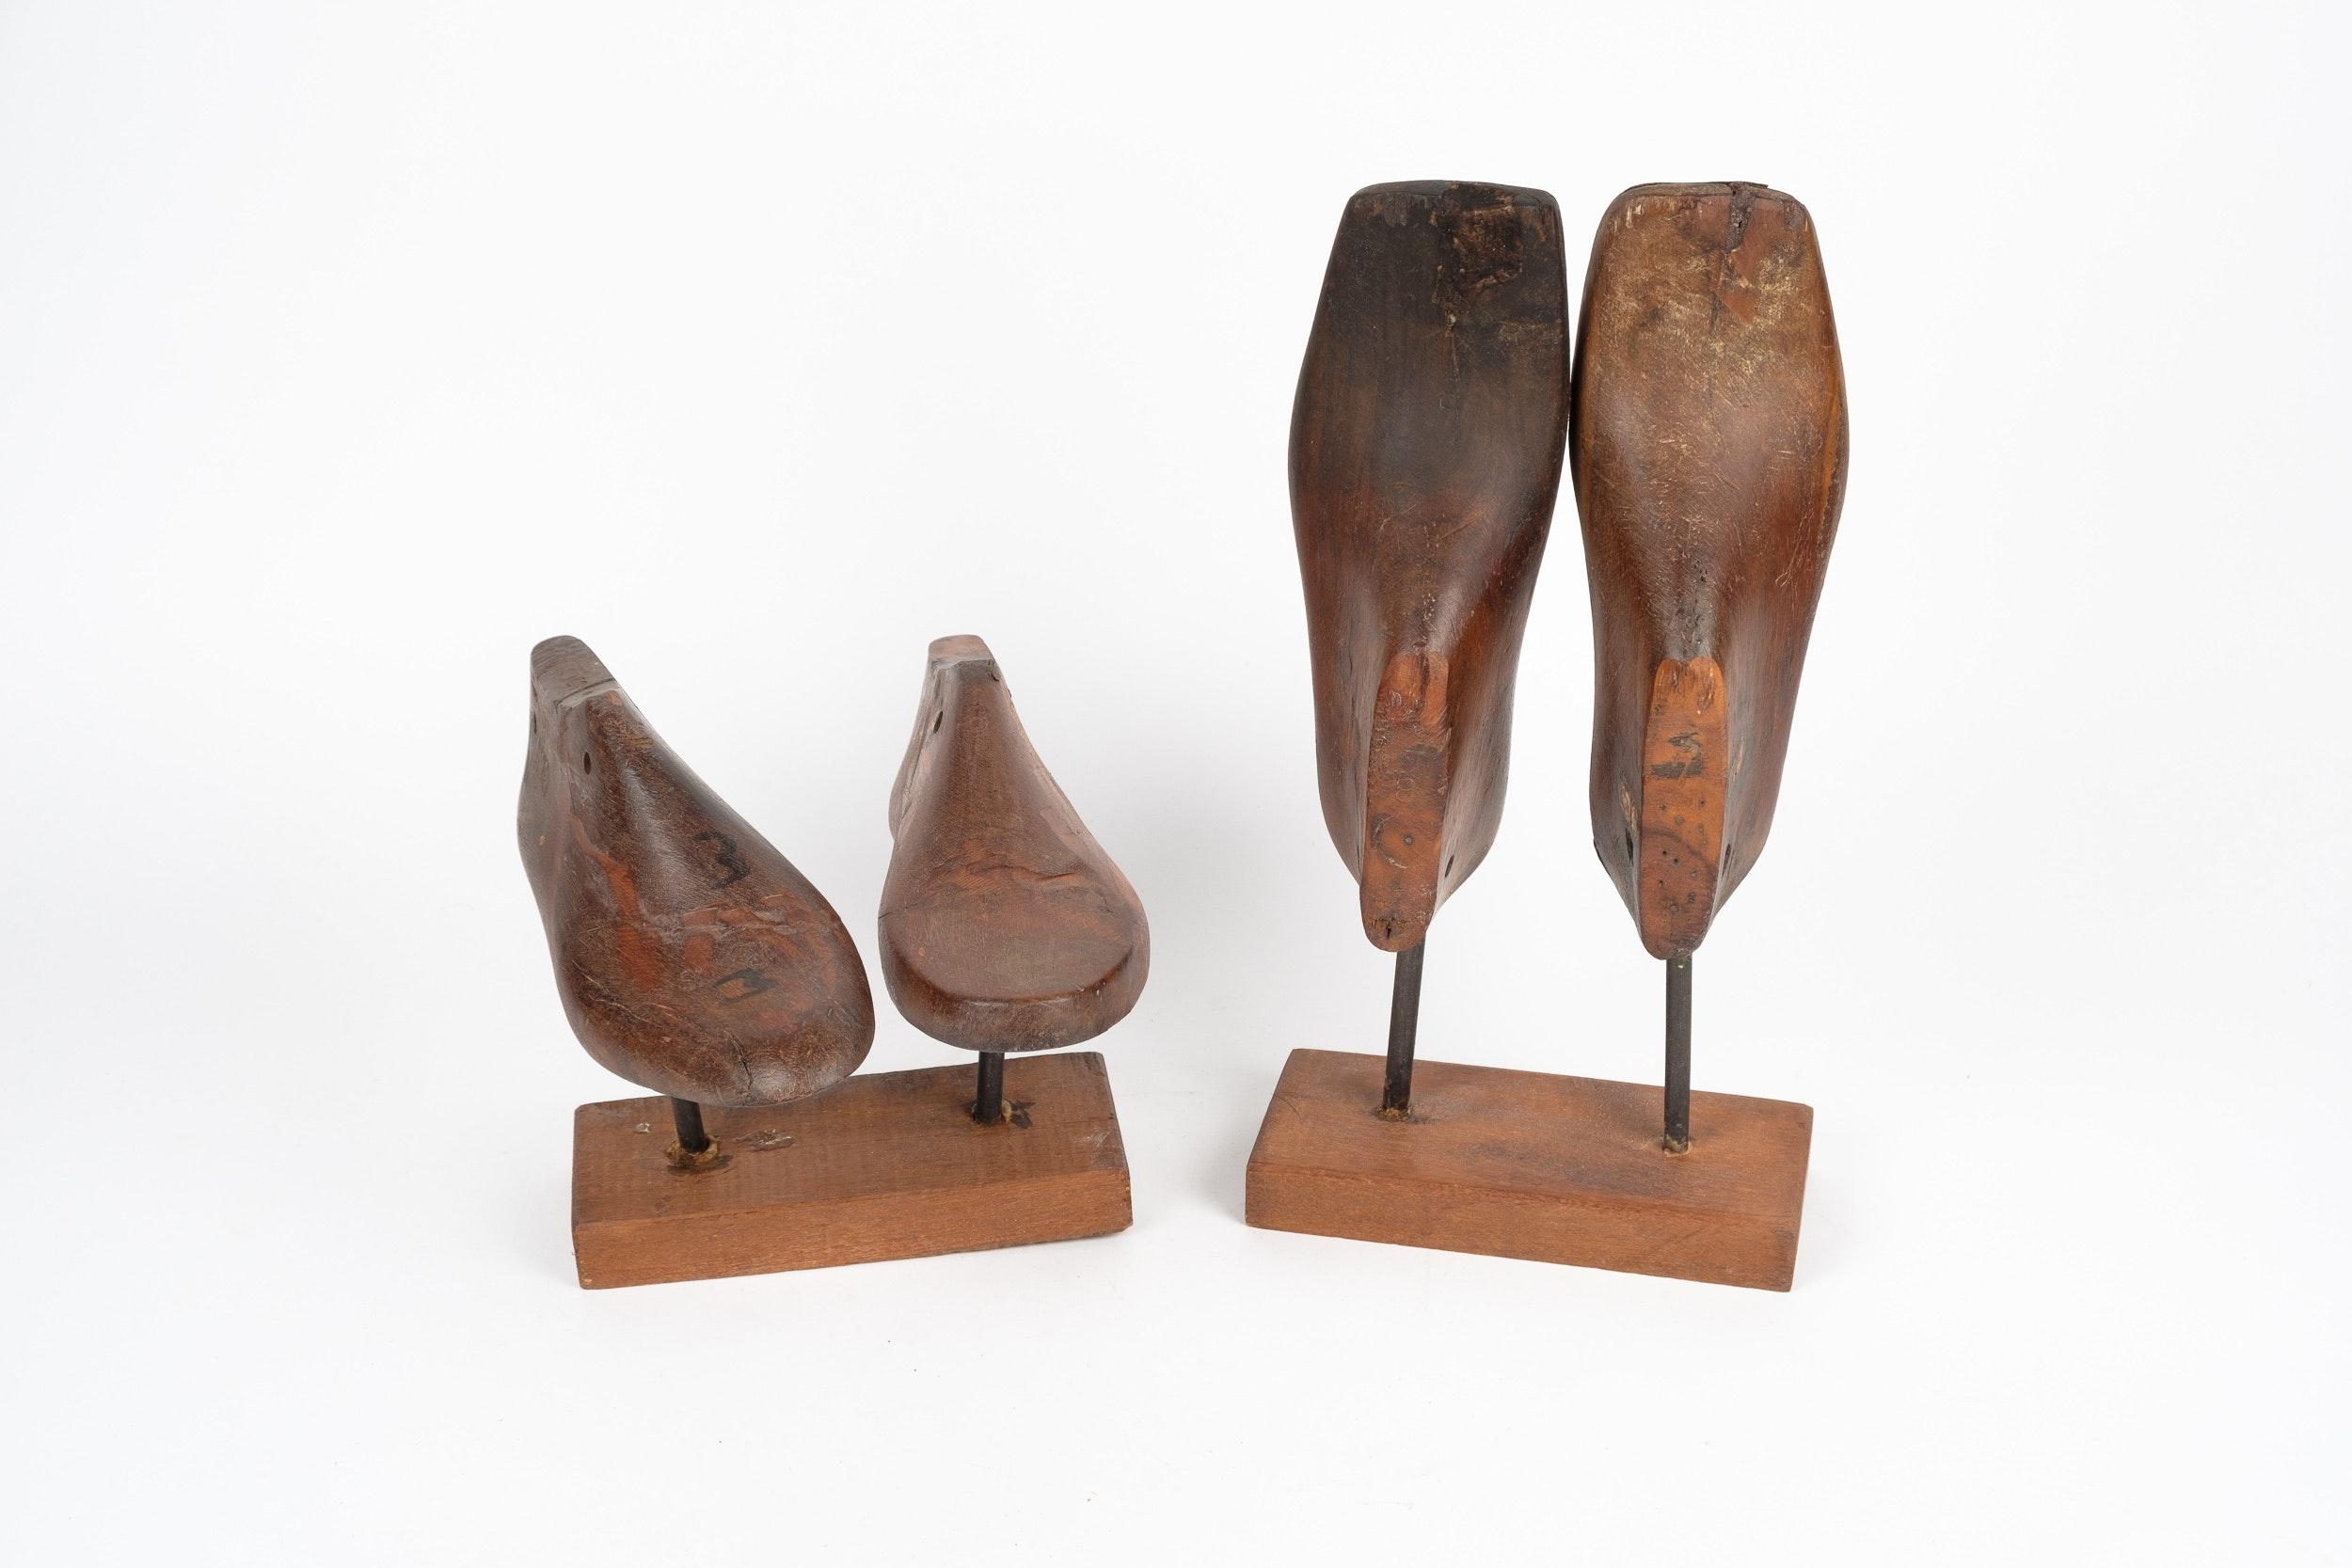 Decorative Wooden Shoe Molds